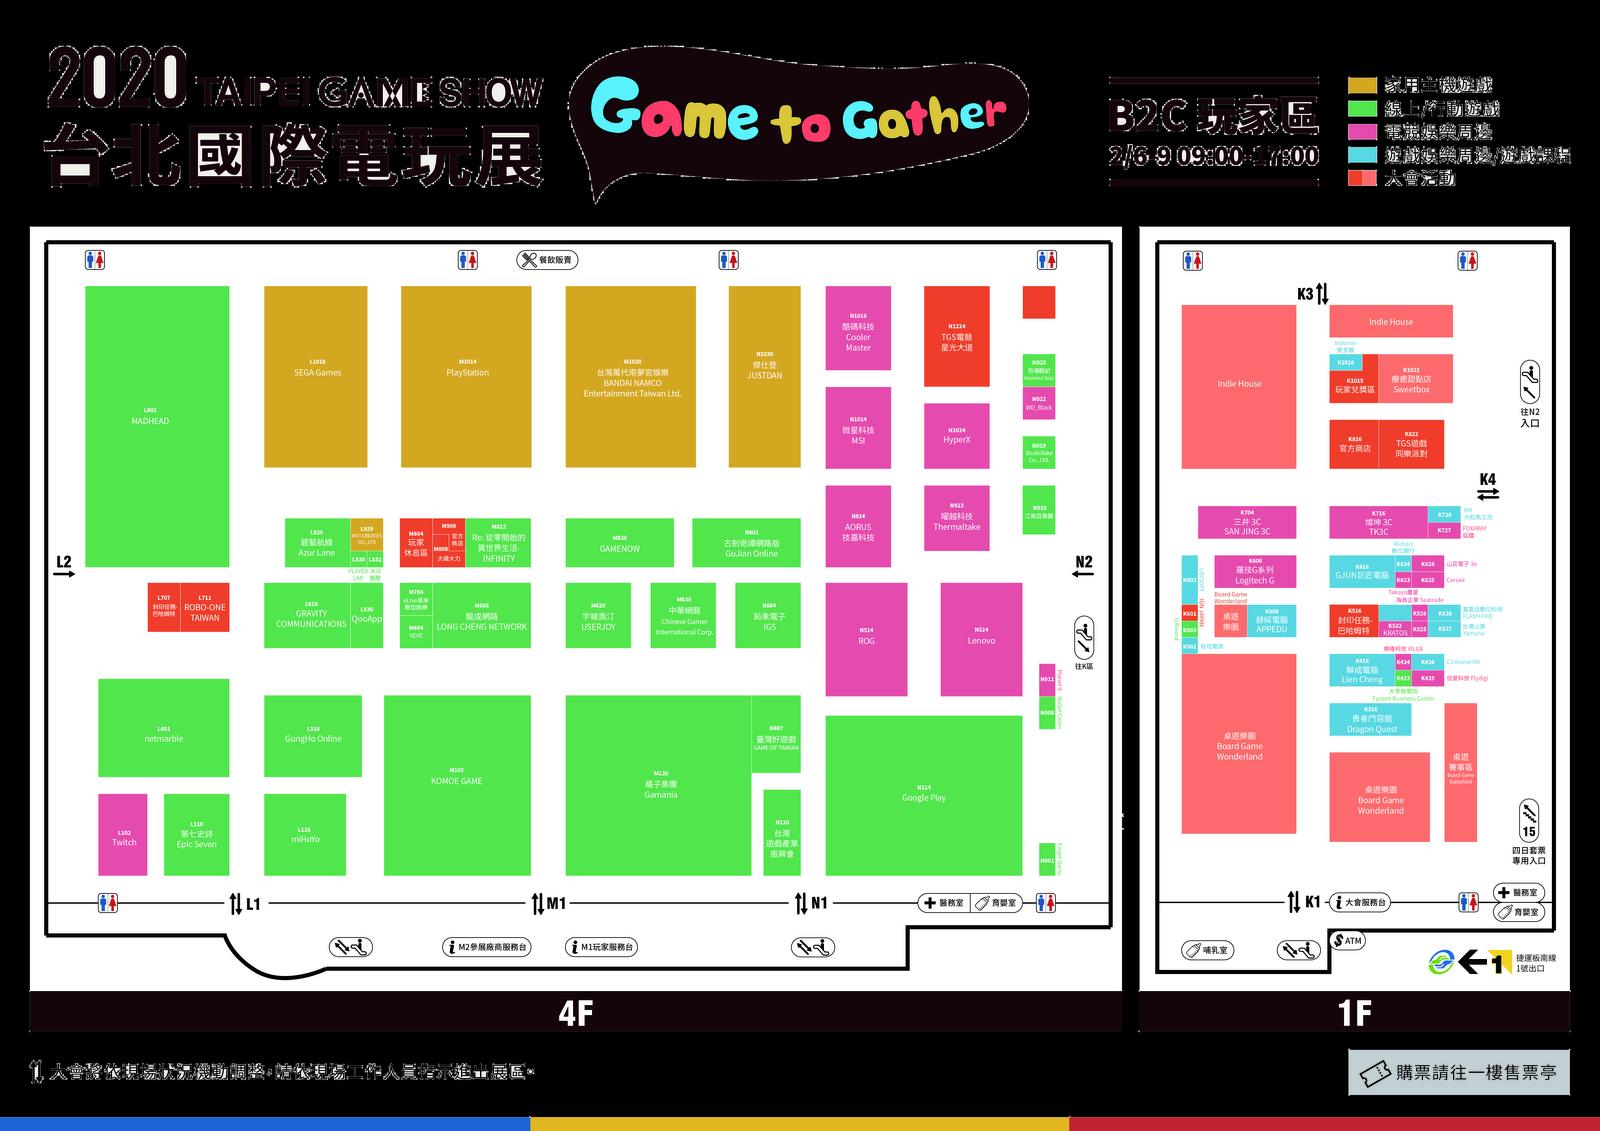 2020 台北國際電玩展平面圖(大圖版請點這裡)